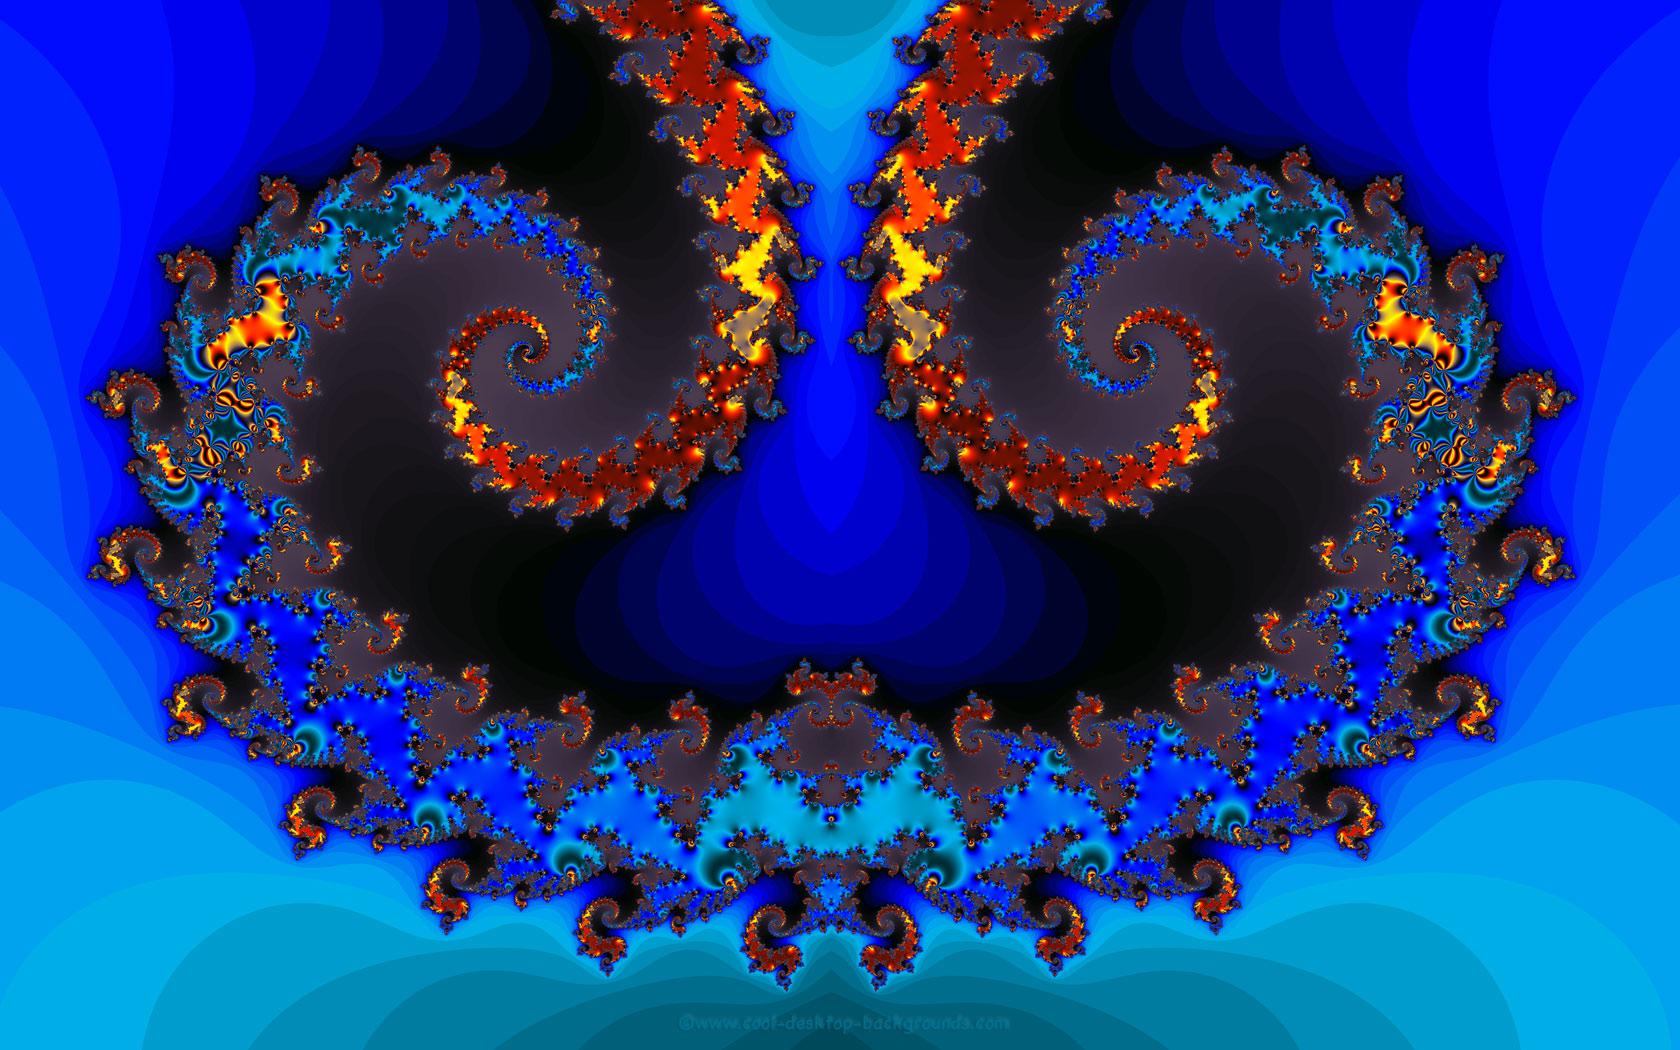 Fractal Mirror Background   Fractals Background Wallpaper   1680x1050 1680x1050